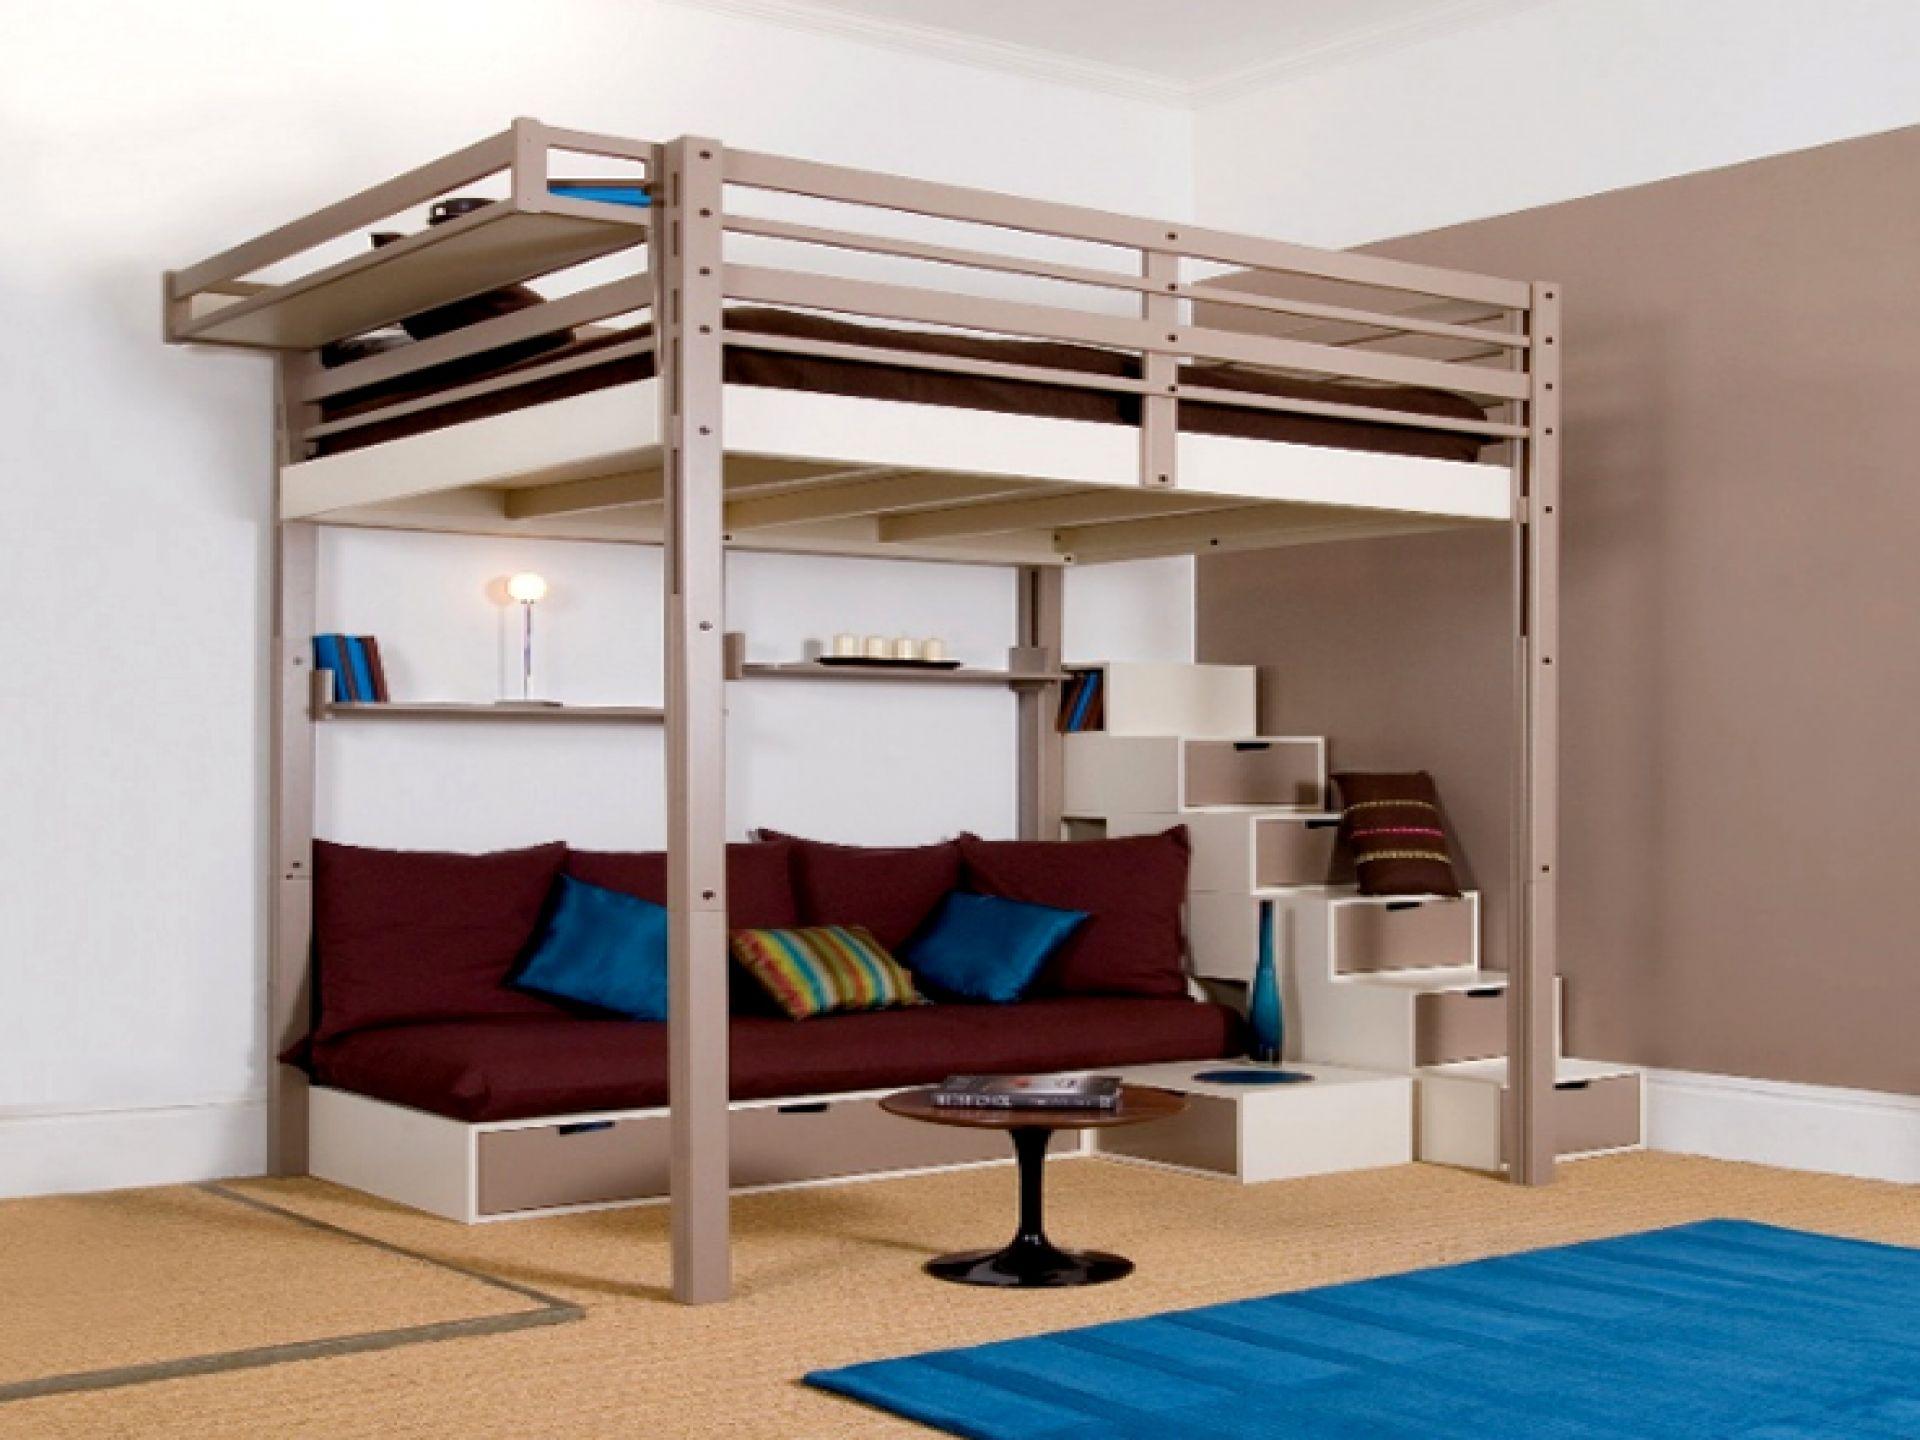 Etagenbett Metall Mit Couch : Hochbett für jugendliche mit schreibtisch feat couch dunkel braun